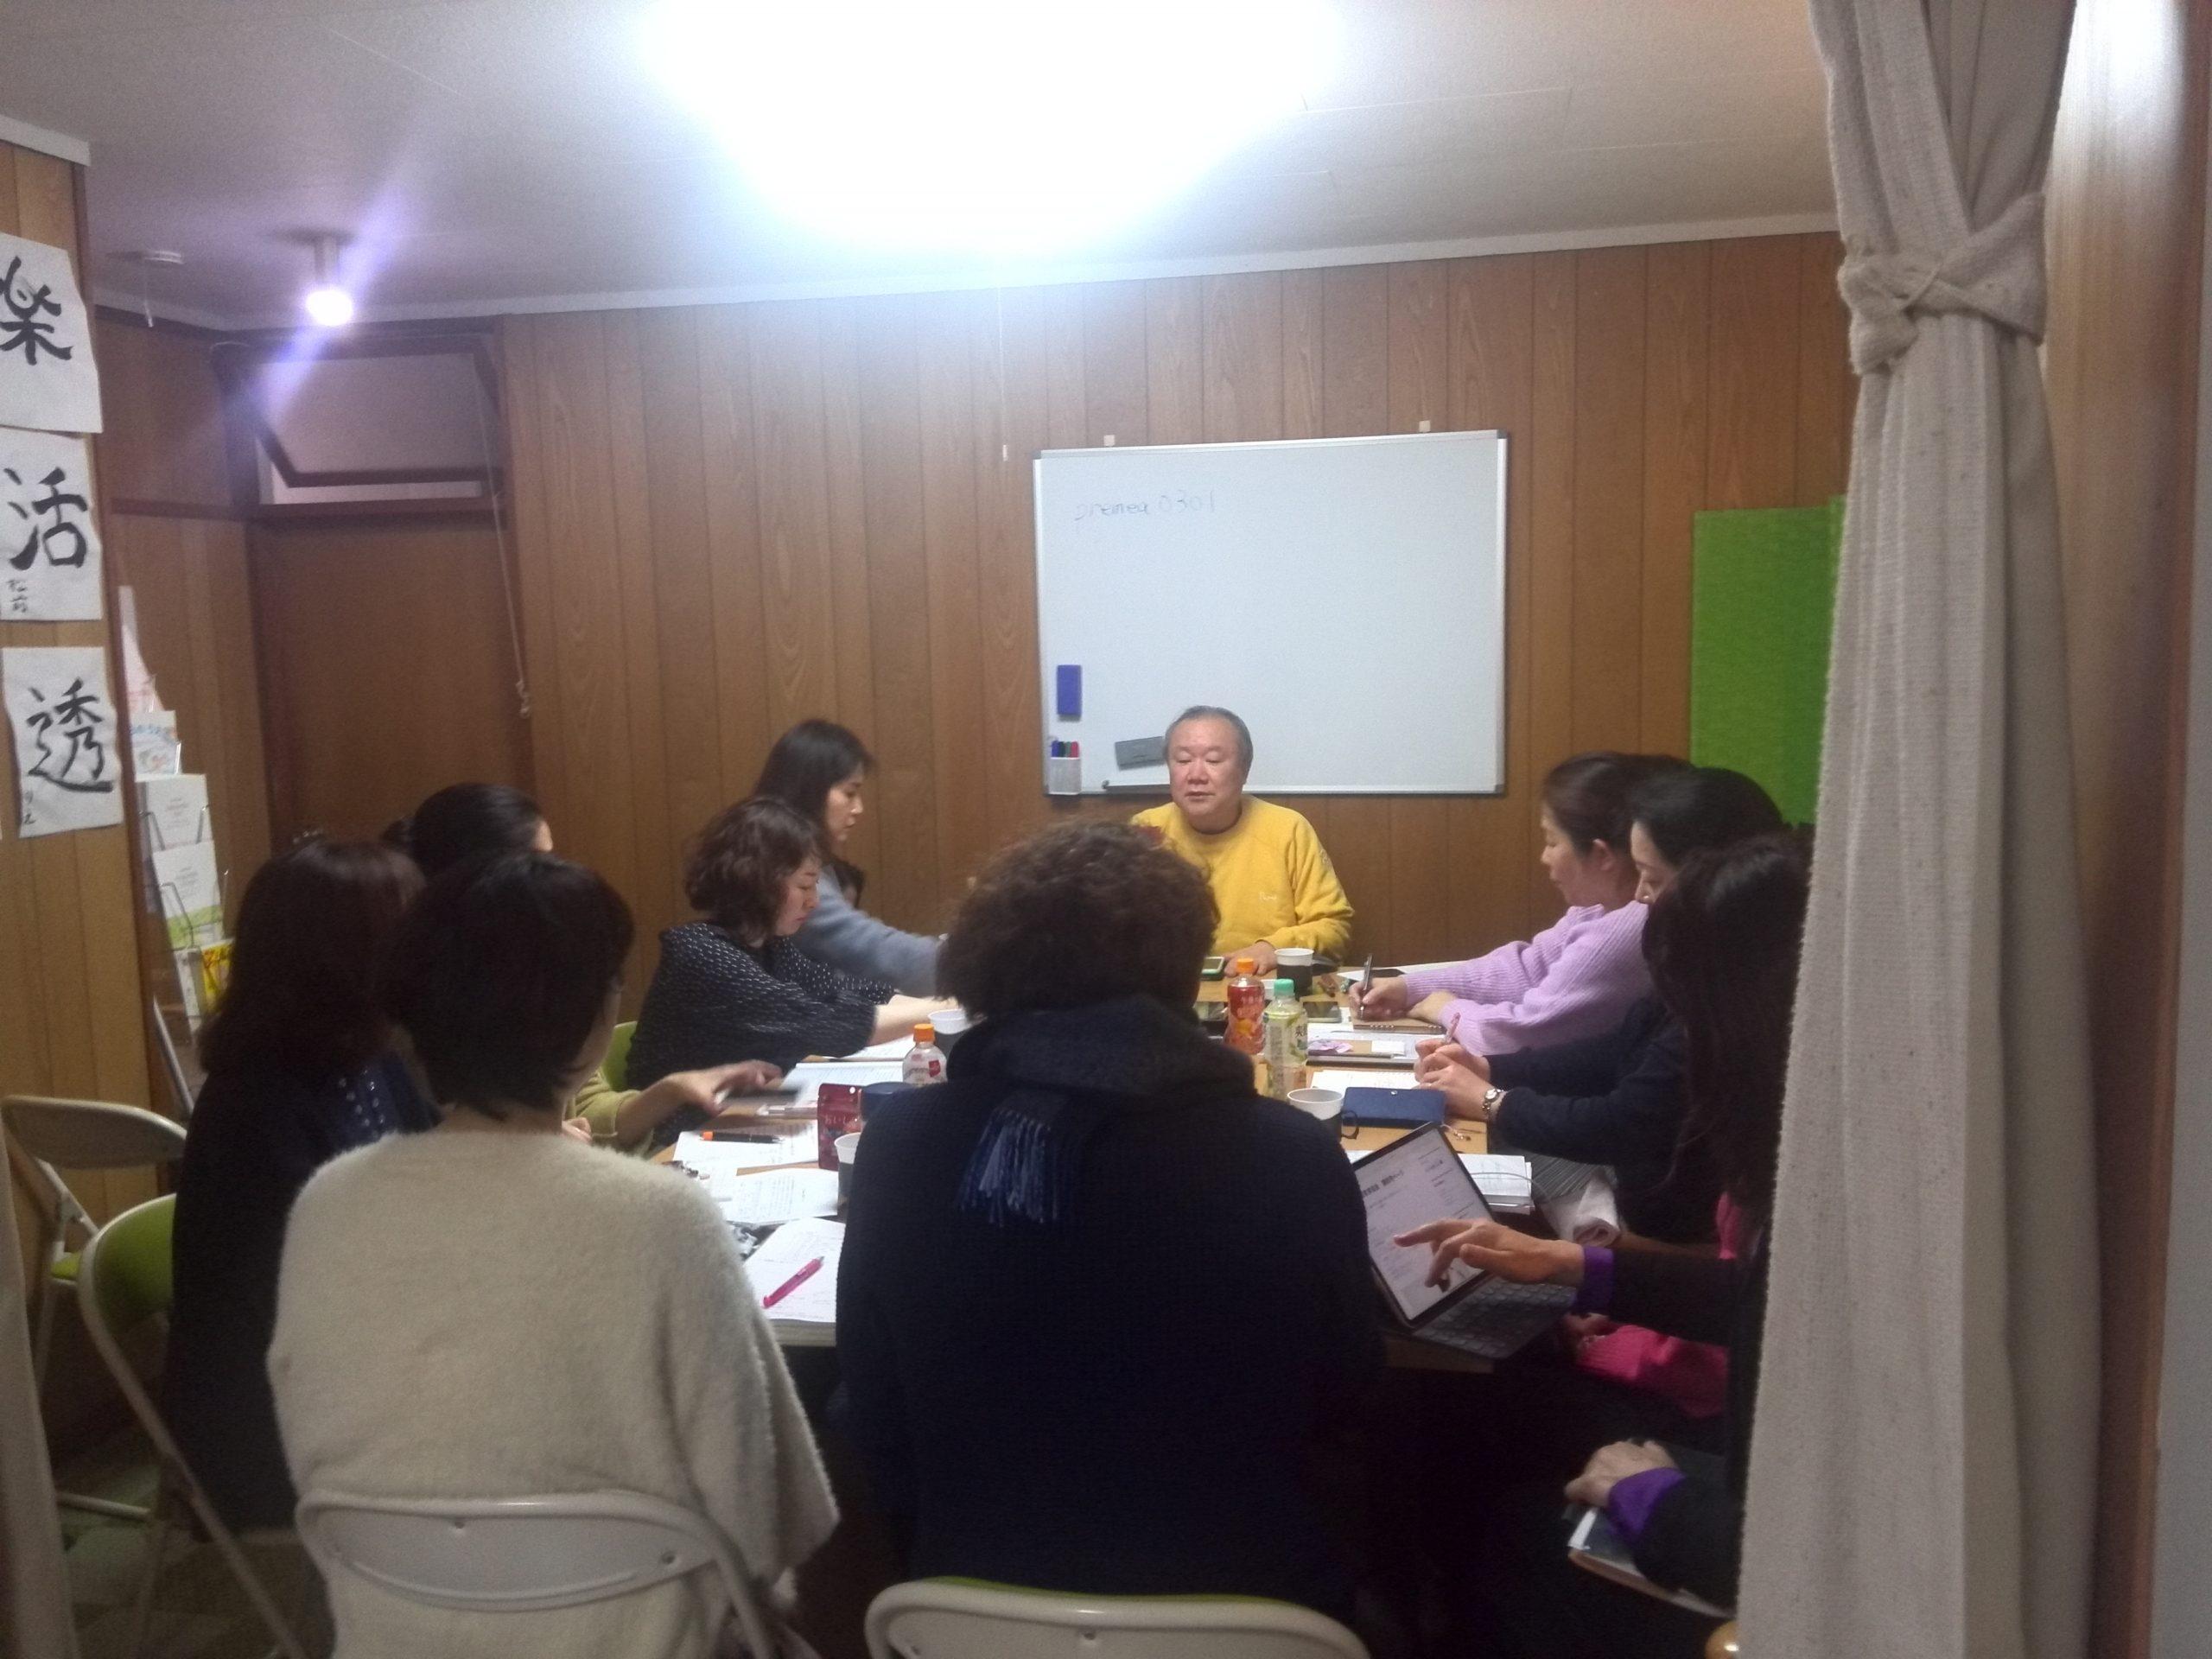 IMG 20110118 224440 scaled - 胎内記憶教育協会、講師養成講座第5期の最終講義